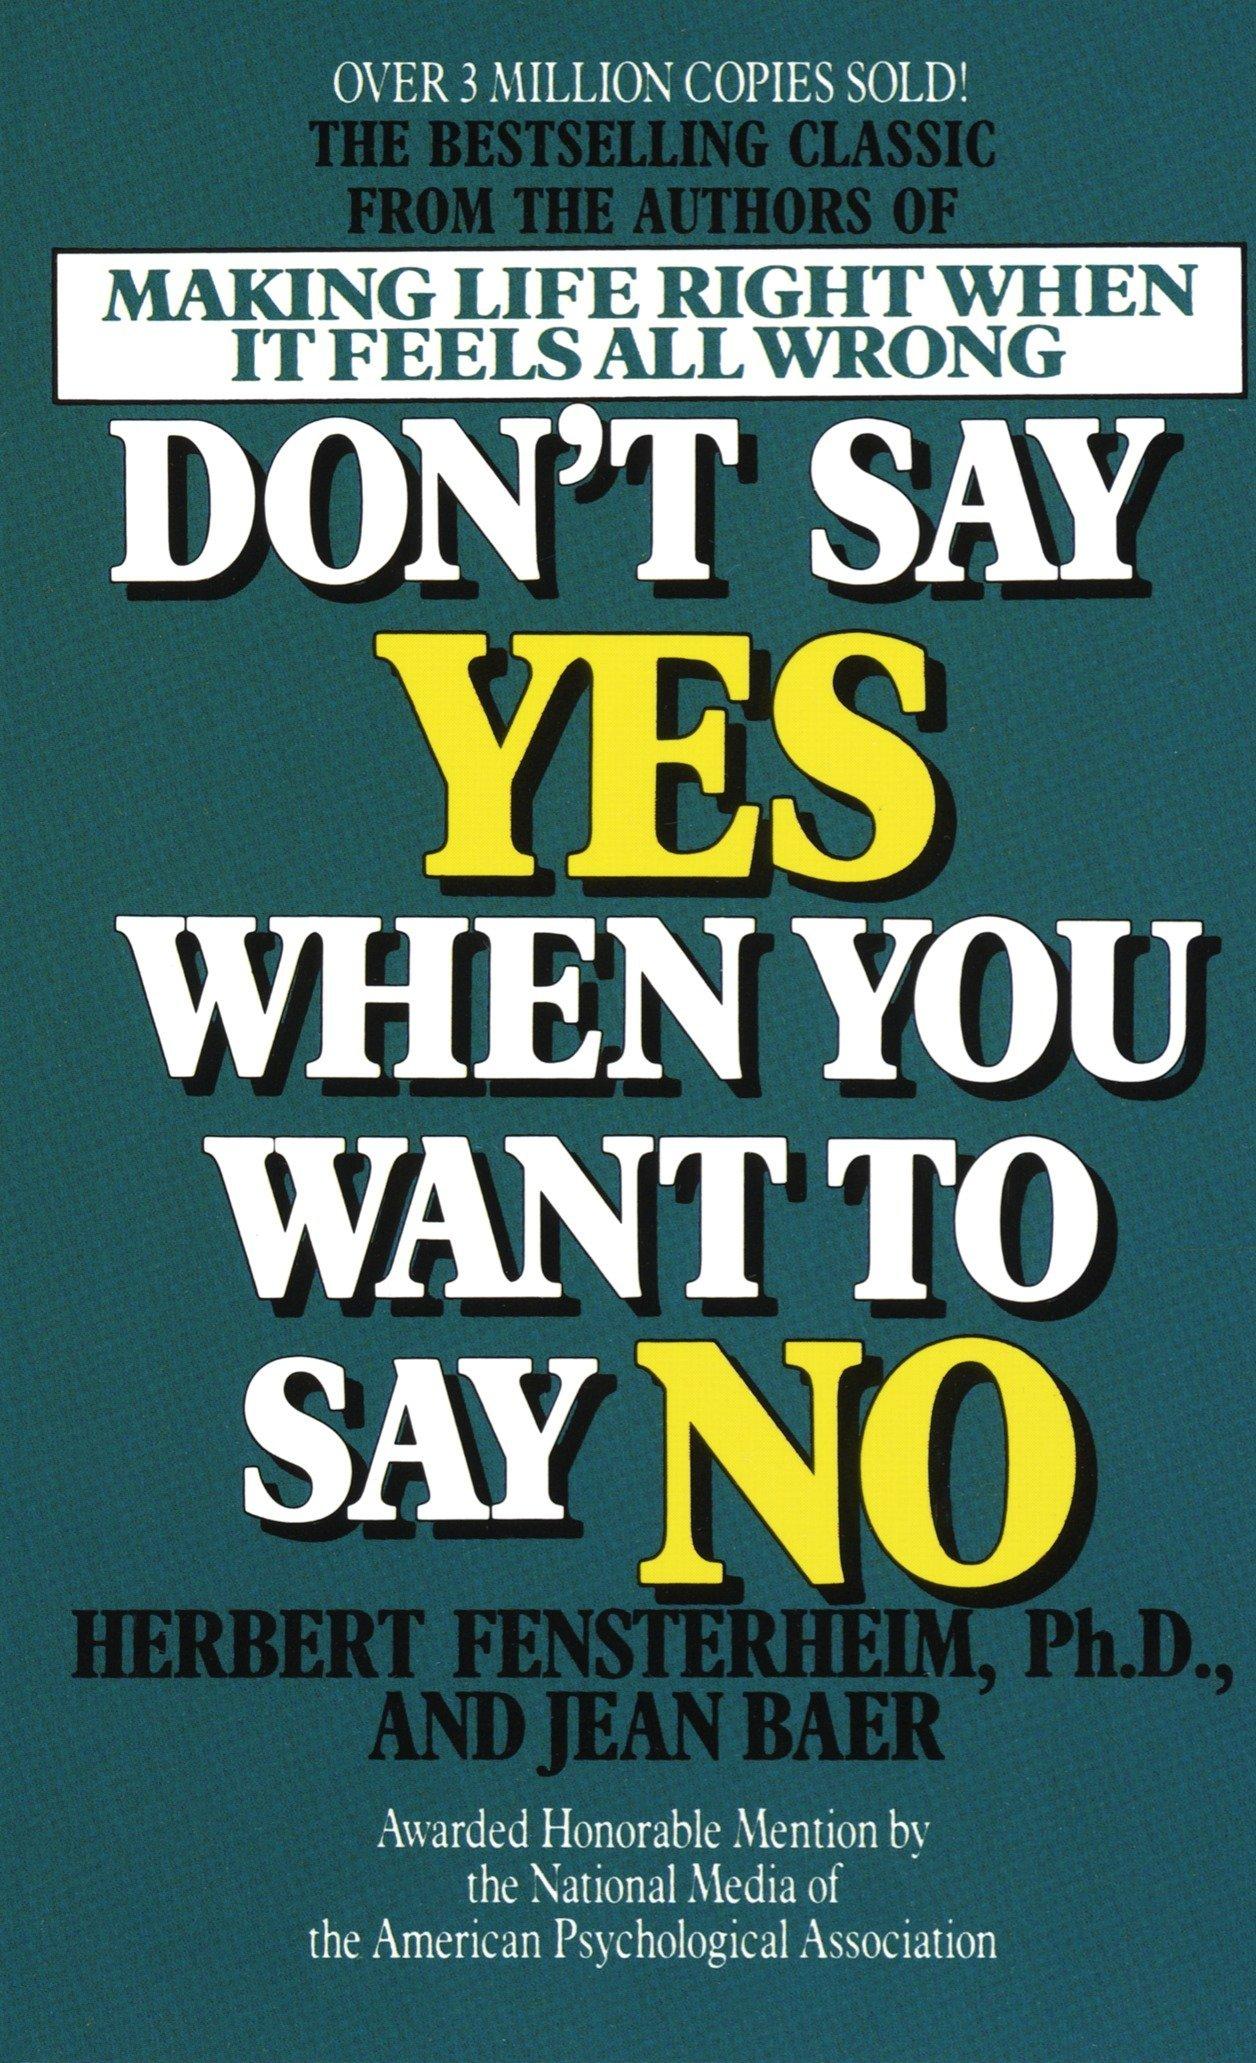 how do i say no